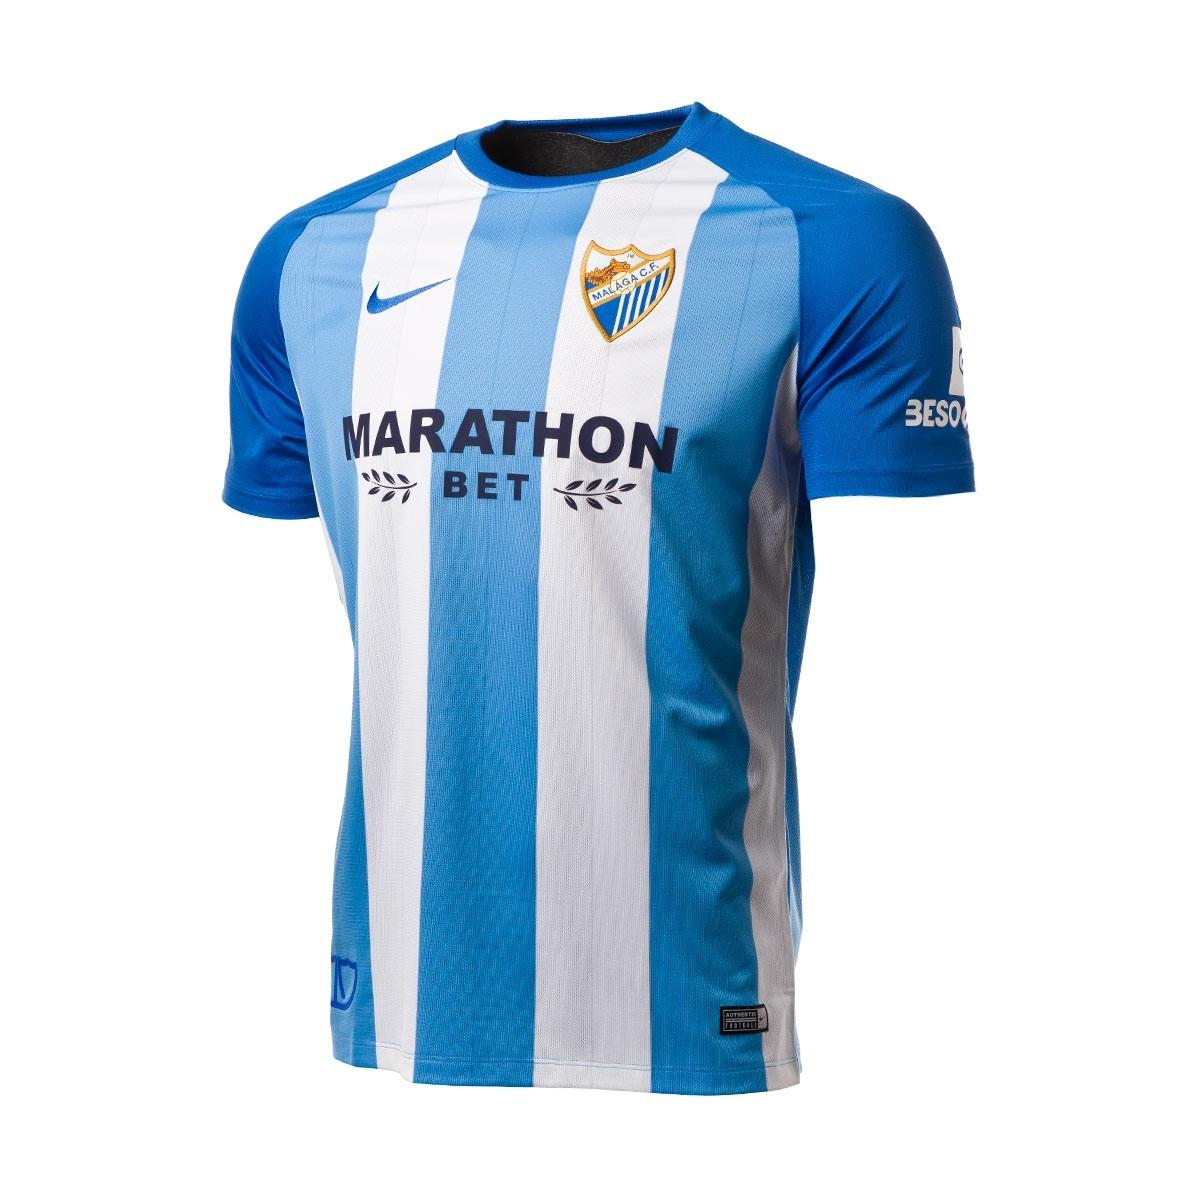 ... Camiseta Málaga CF Primera Equipación 2017-2018 Niño Blanco-Azul.  Categorías de la Camiseta 7dca4047c5ad7